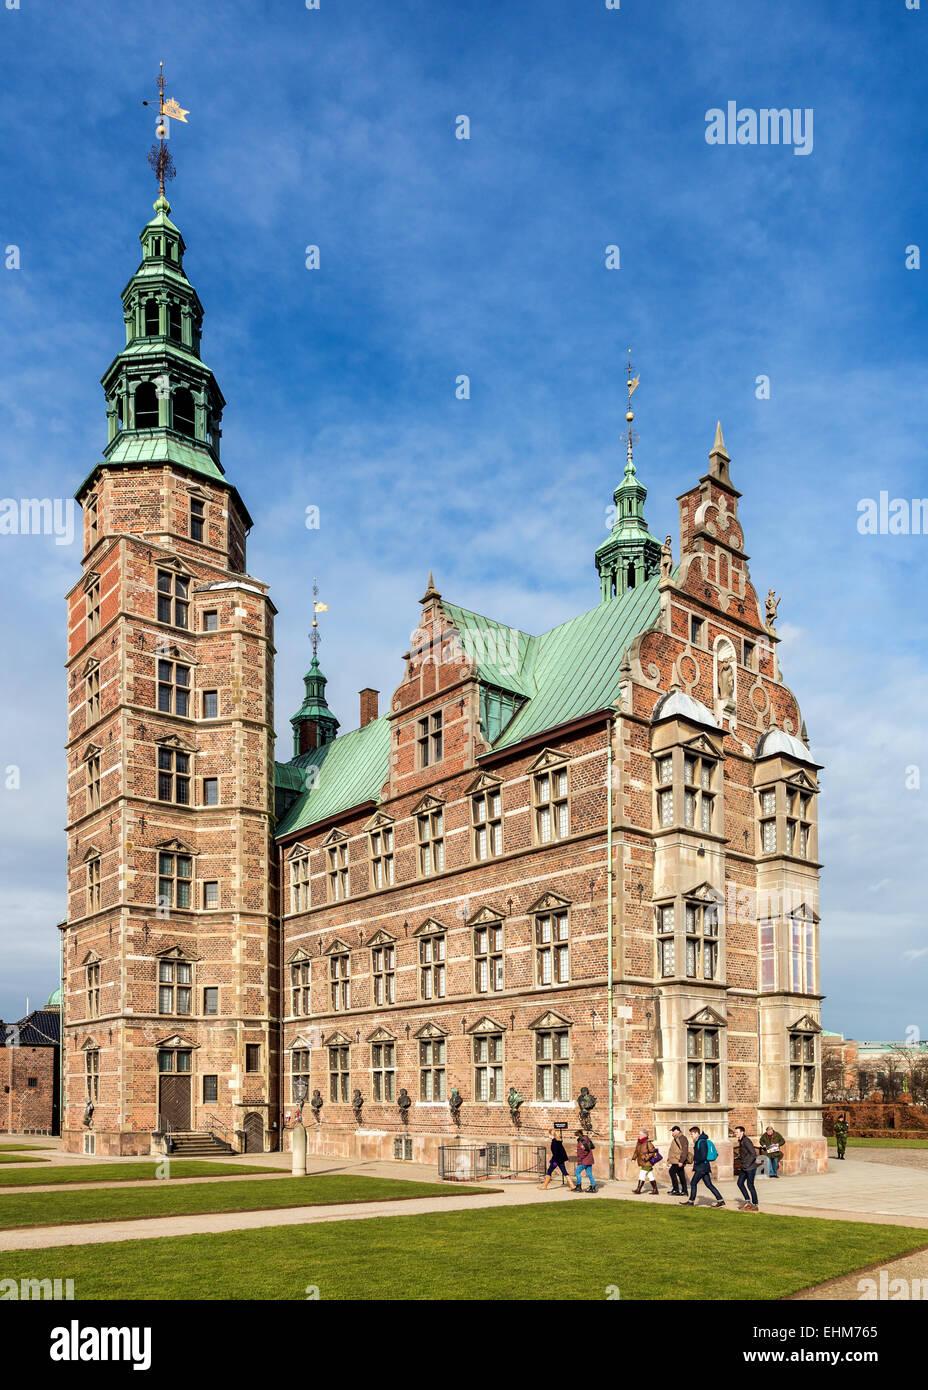 Rosenborg Castle, Copenhagen, Denmark - Stock Image